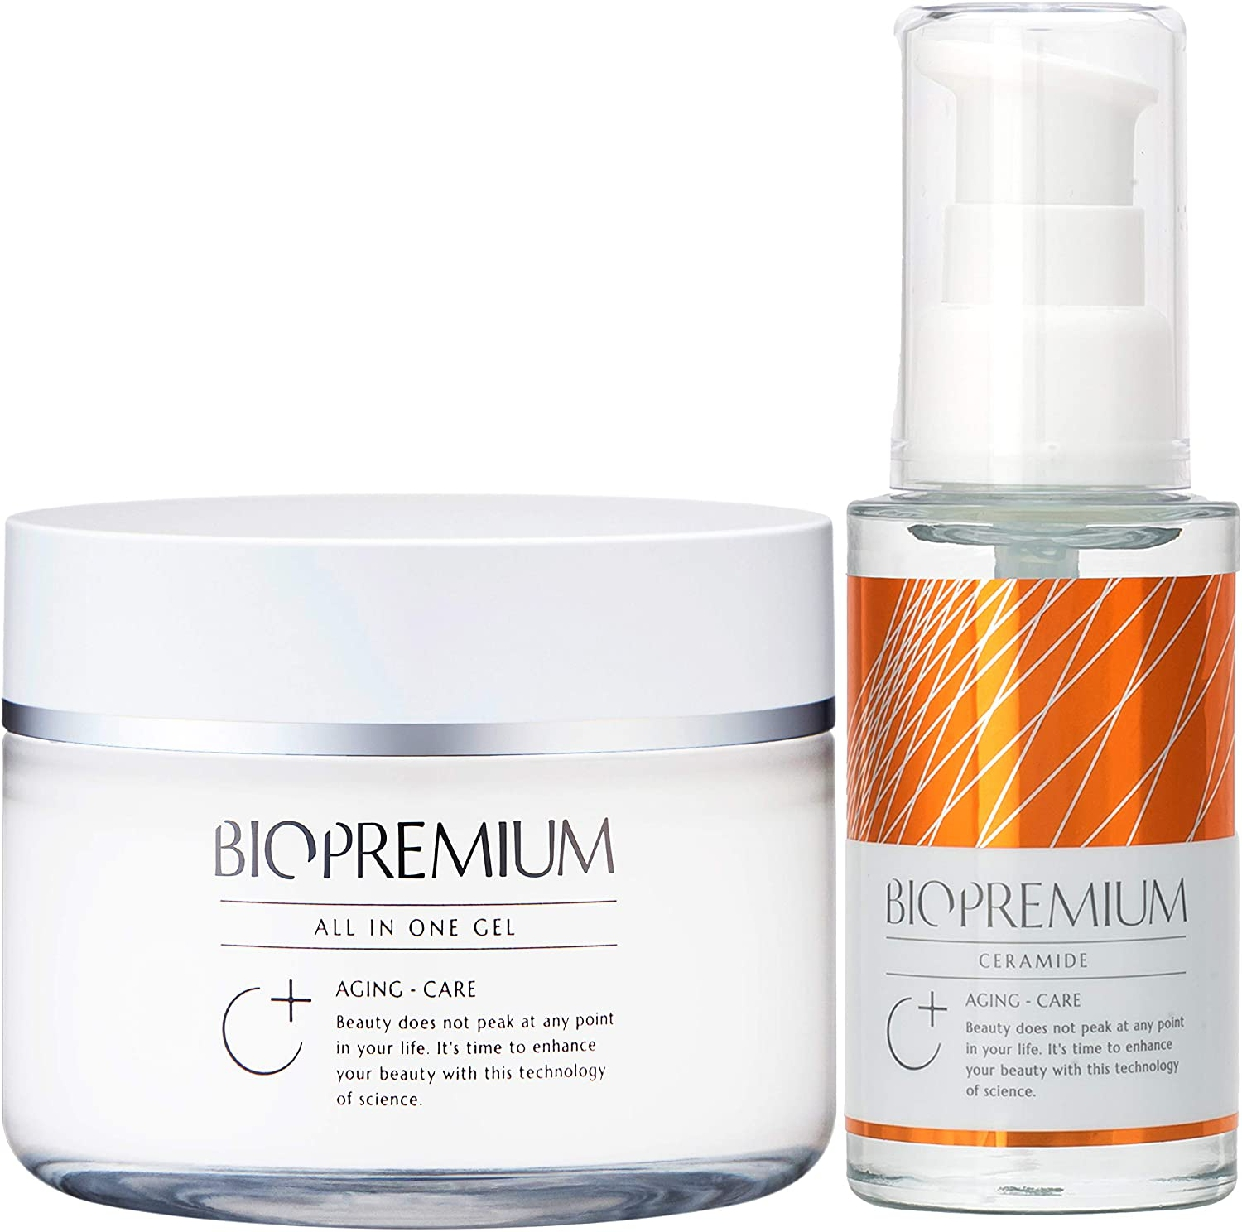 BIOPREMIUM(バイオプレミアム) オールインワンジェル+原液美容液 セット